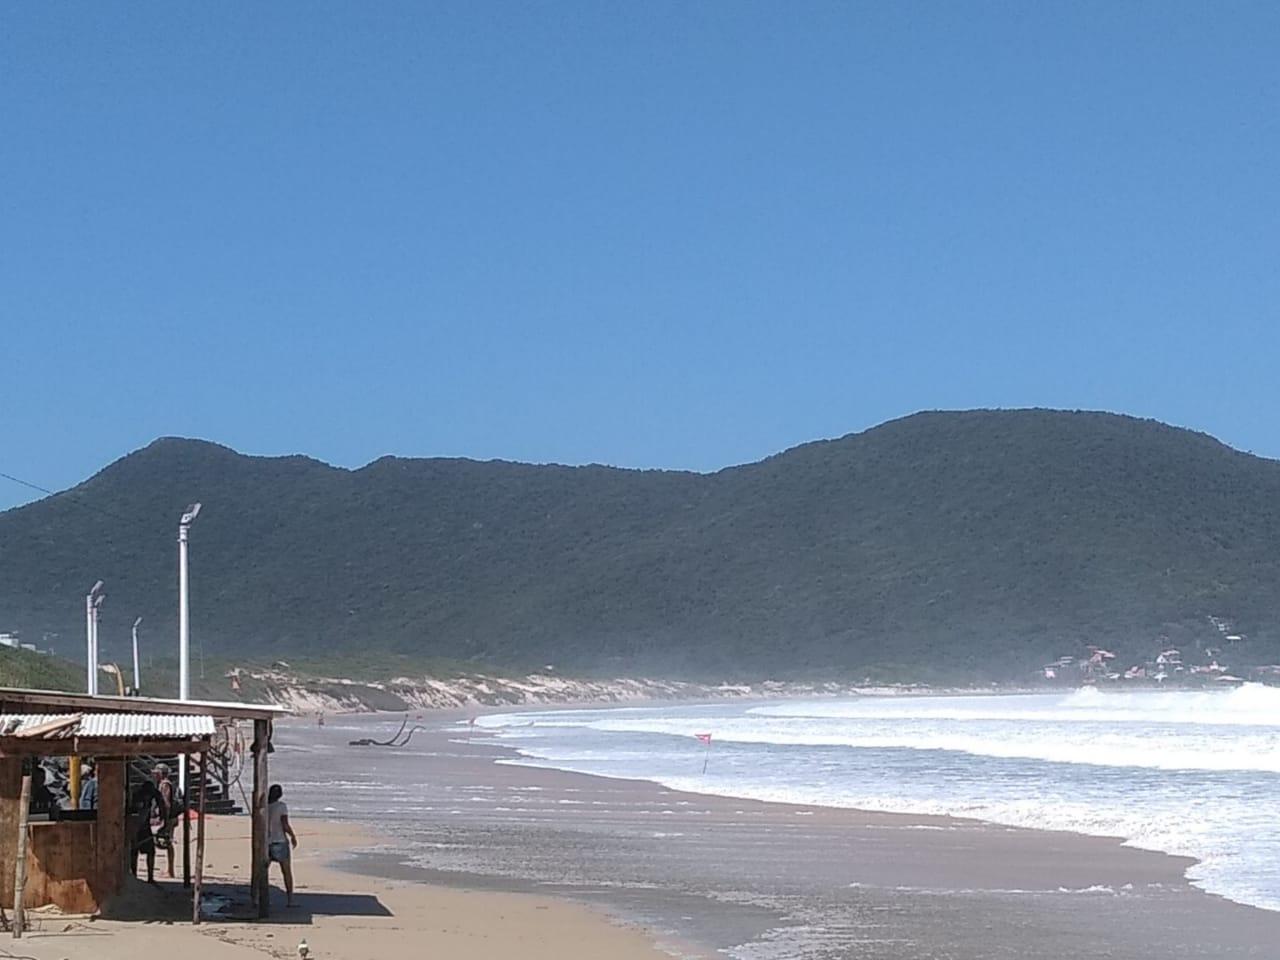 Vento persistente vai durar todo o sábado, com rajadas que podem chegar a 50 km/h - Andréa da Luz/Divulgação/ND